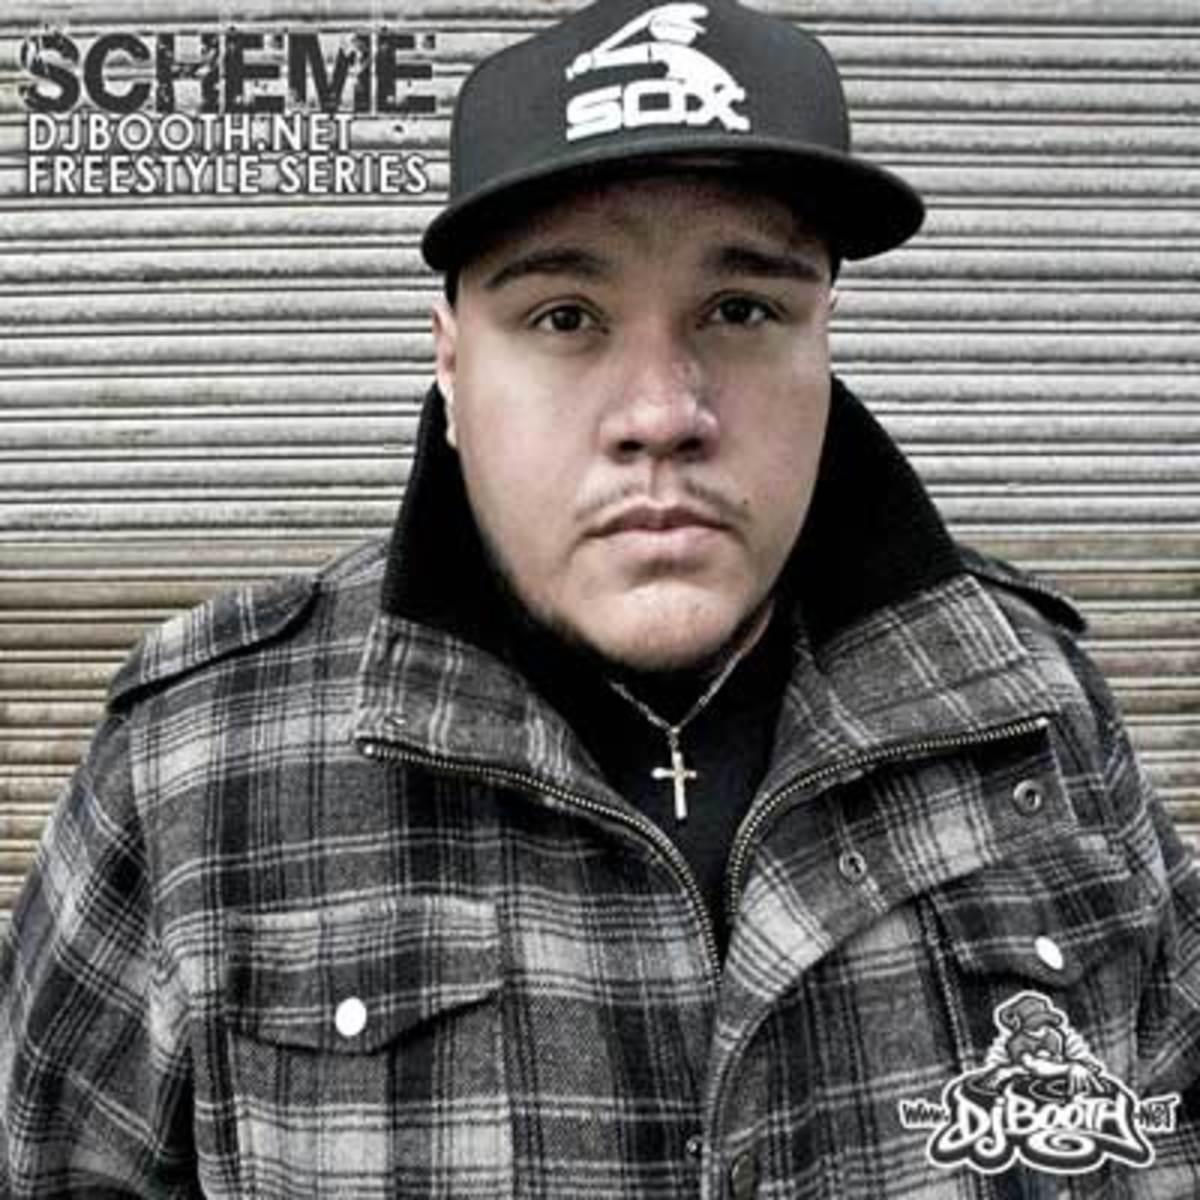 scheme-freestyle.jpg